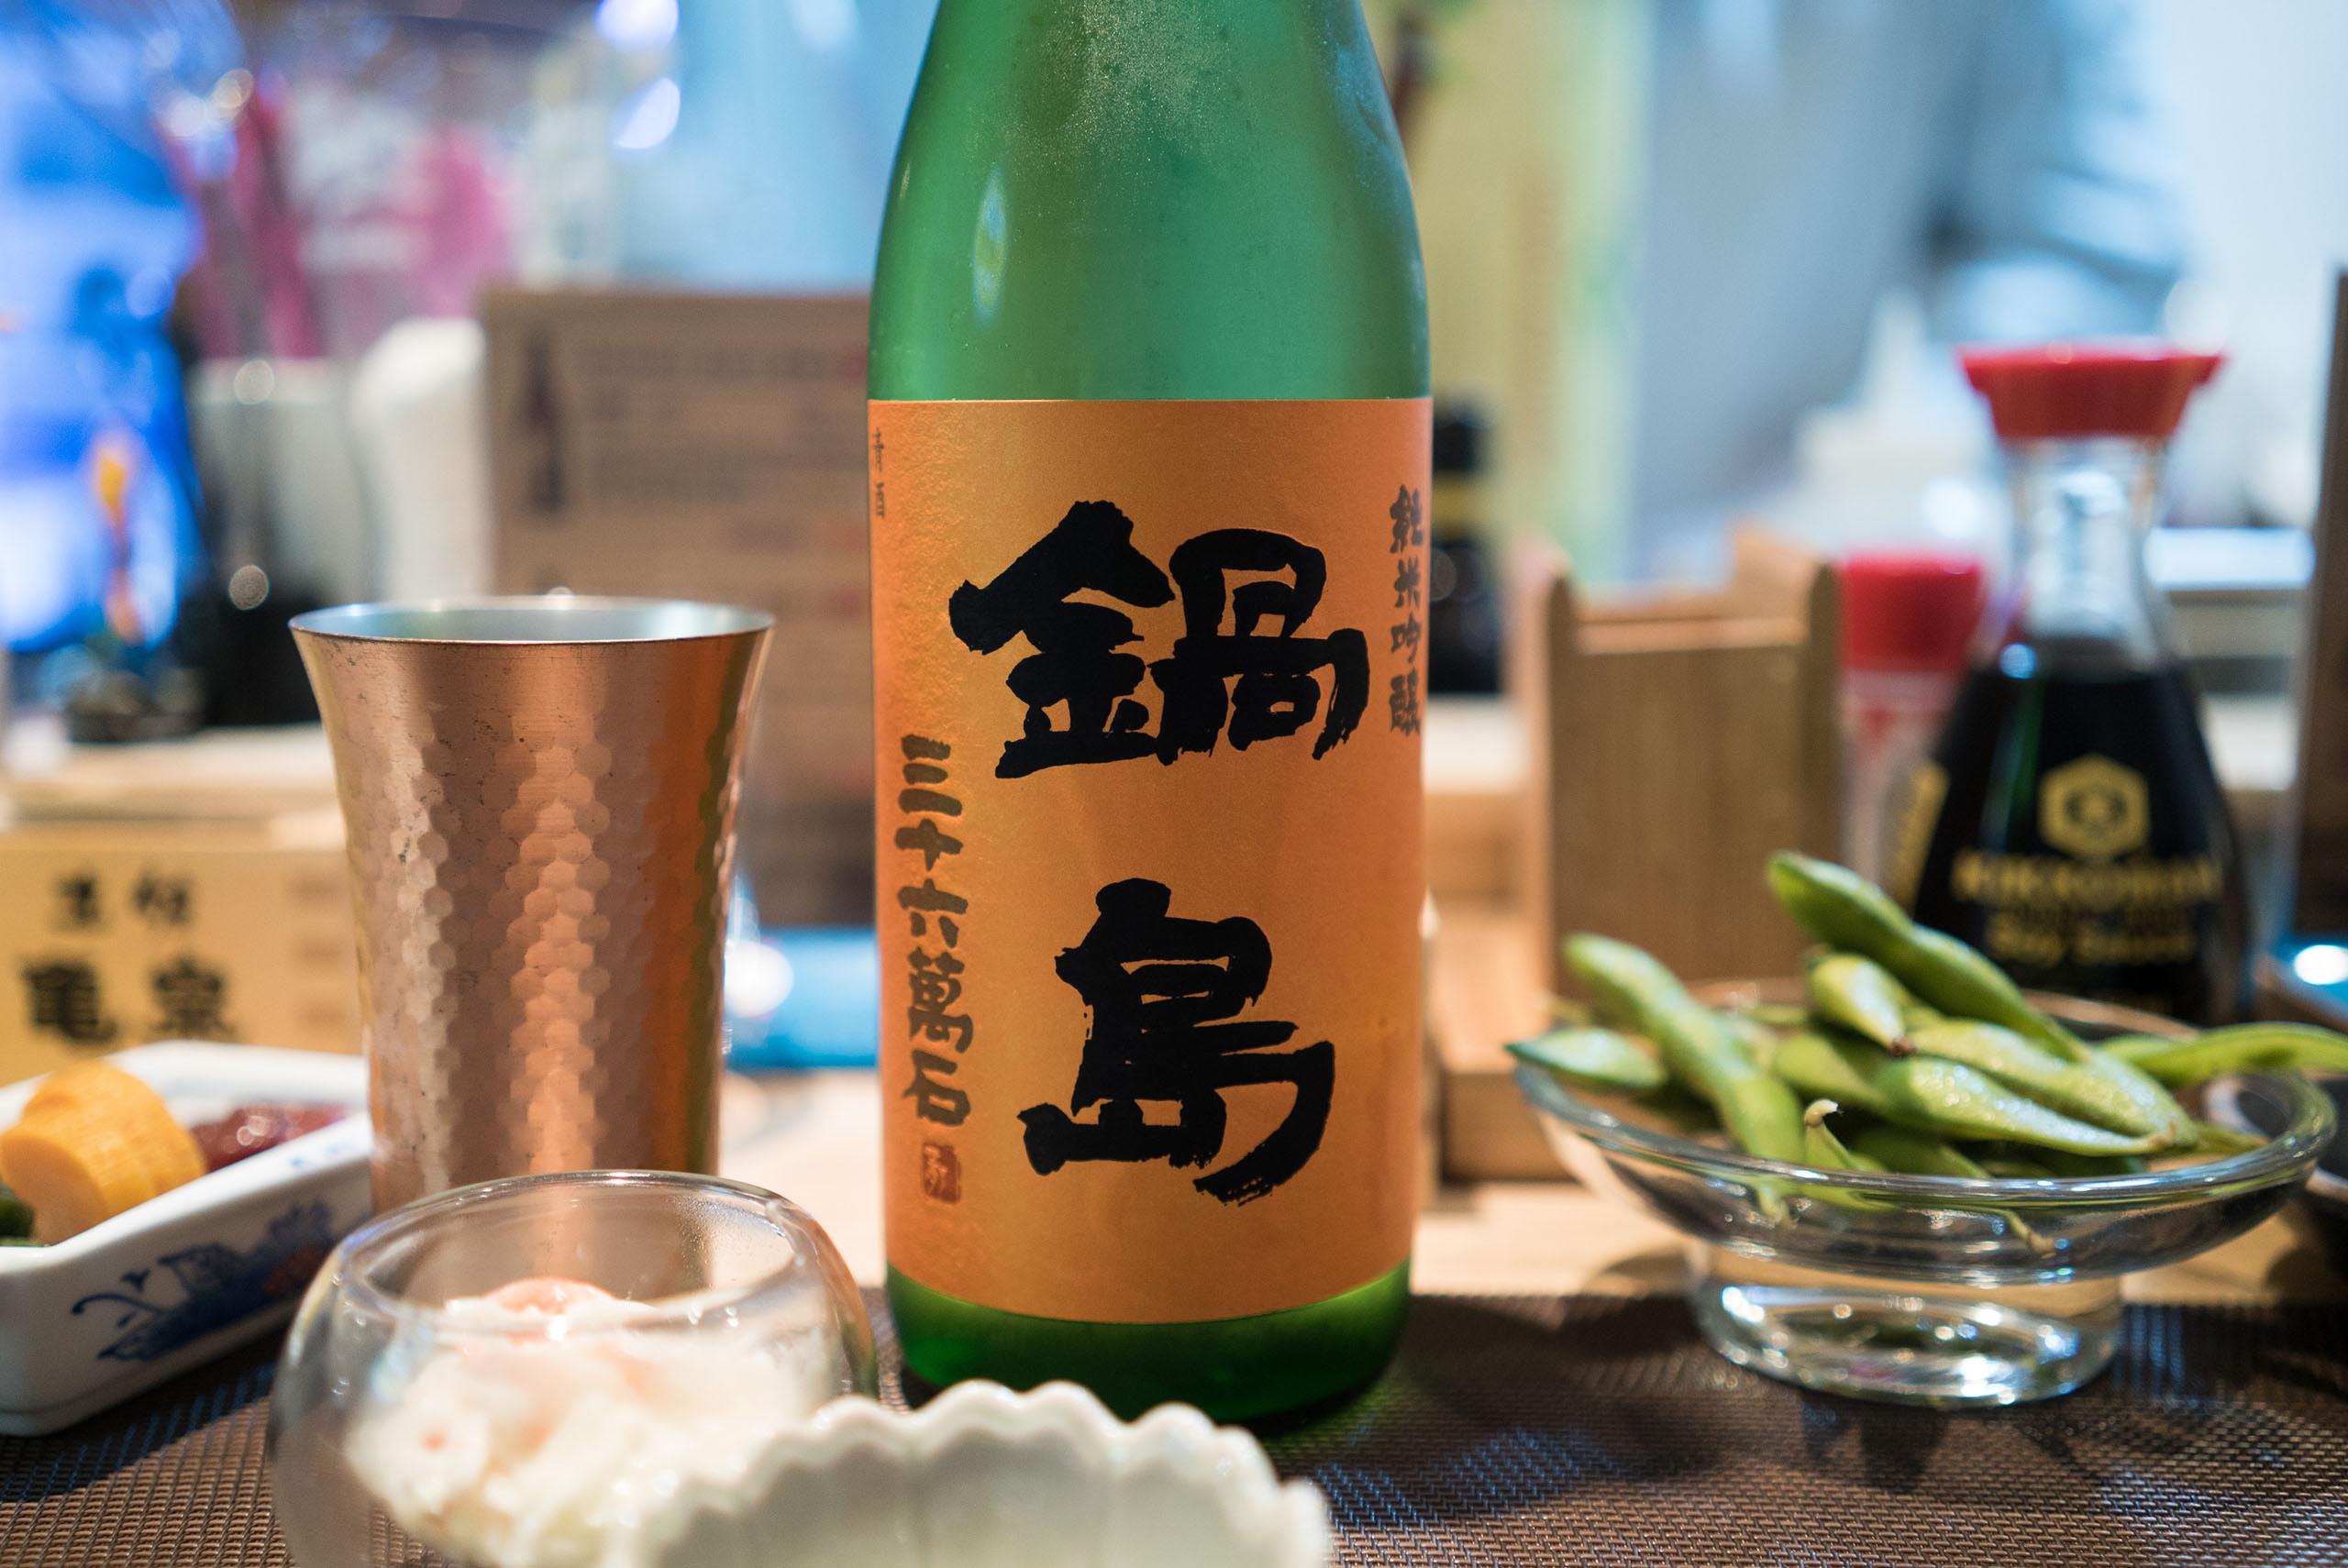 나베시마 쥰마이긴죠 오렌지라벨 고햐쿠만고쿠